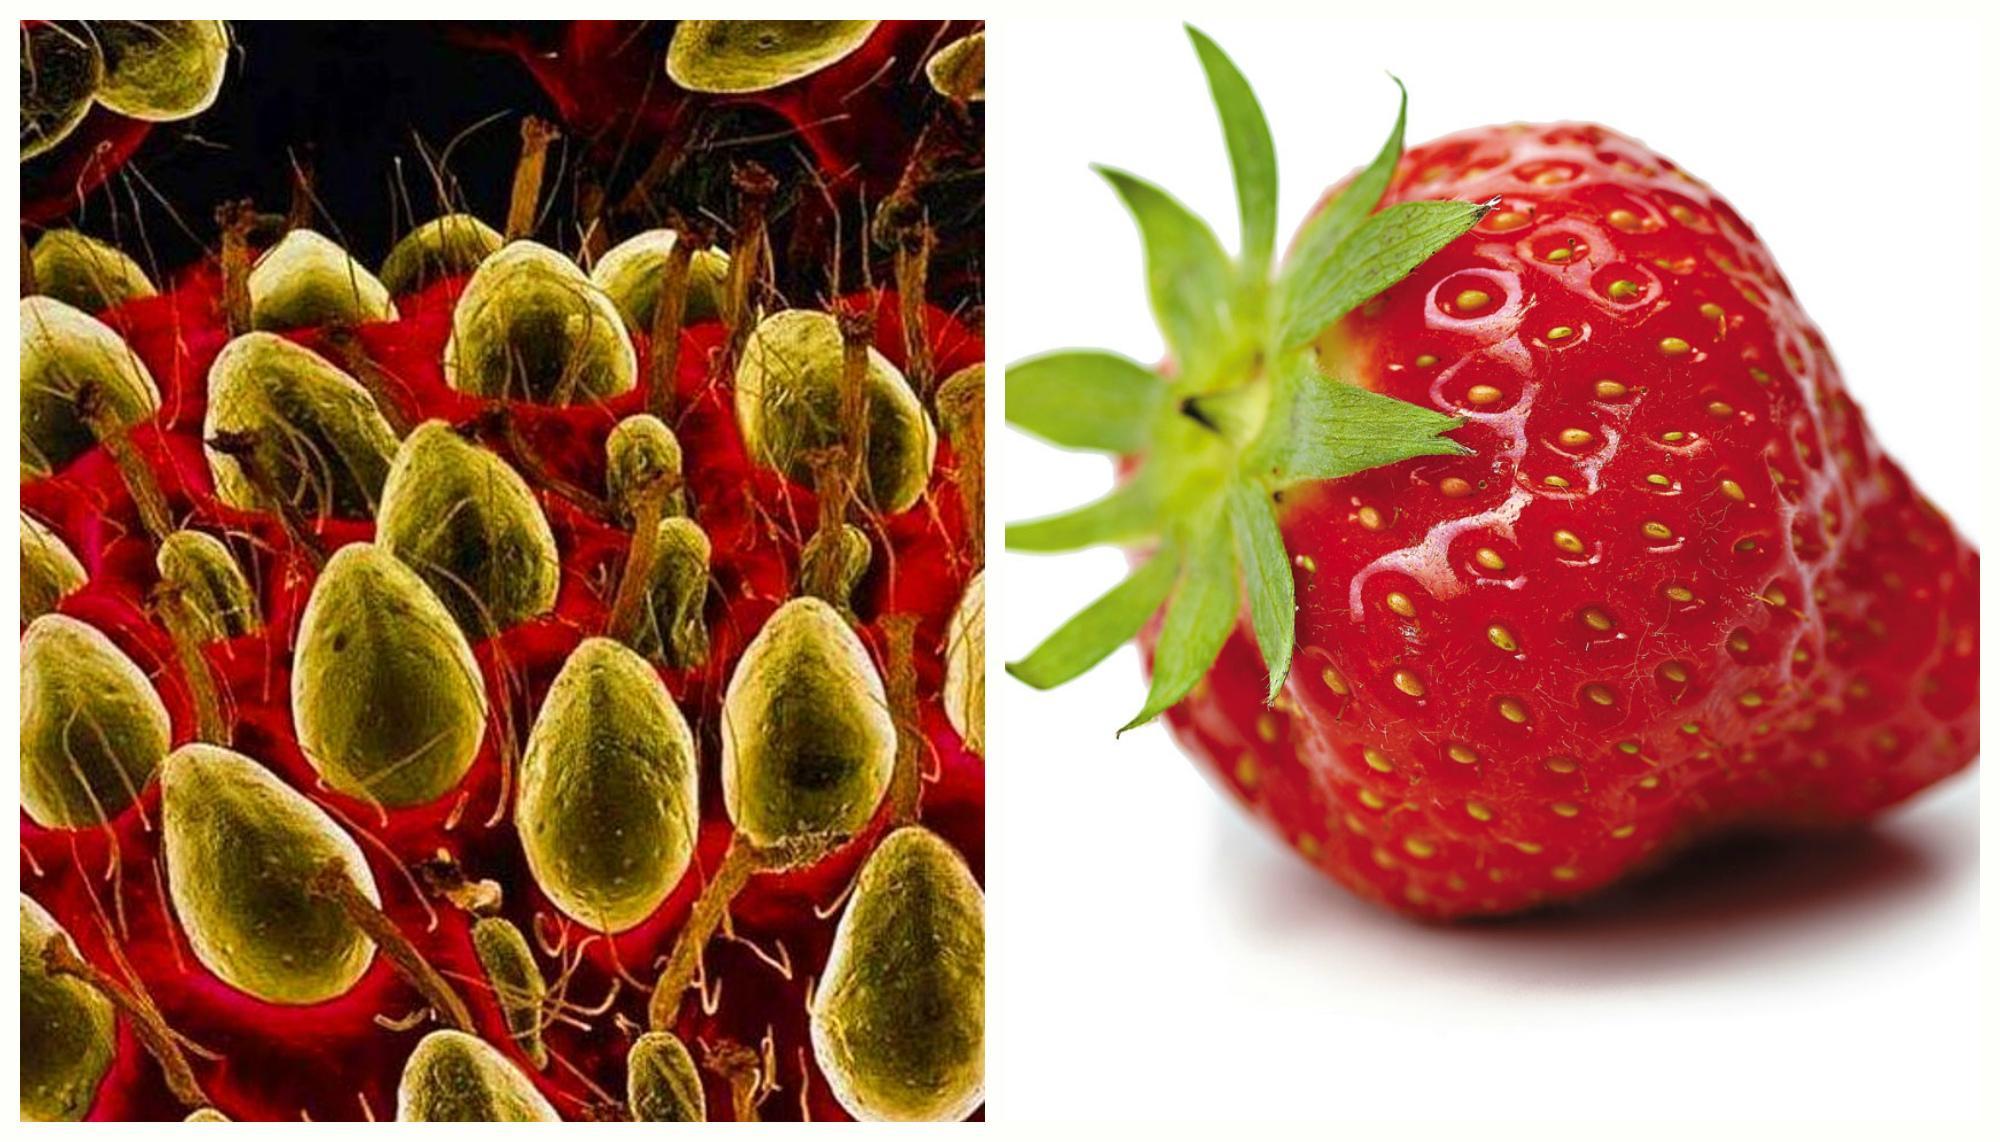 основе фамилии фрукты под микроскопом фото нас одних